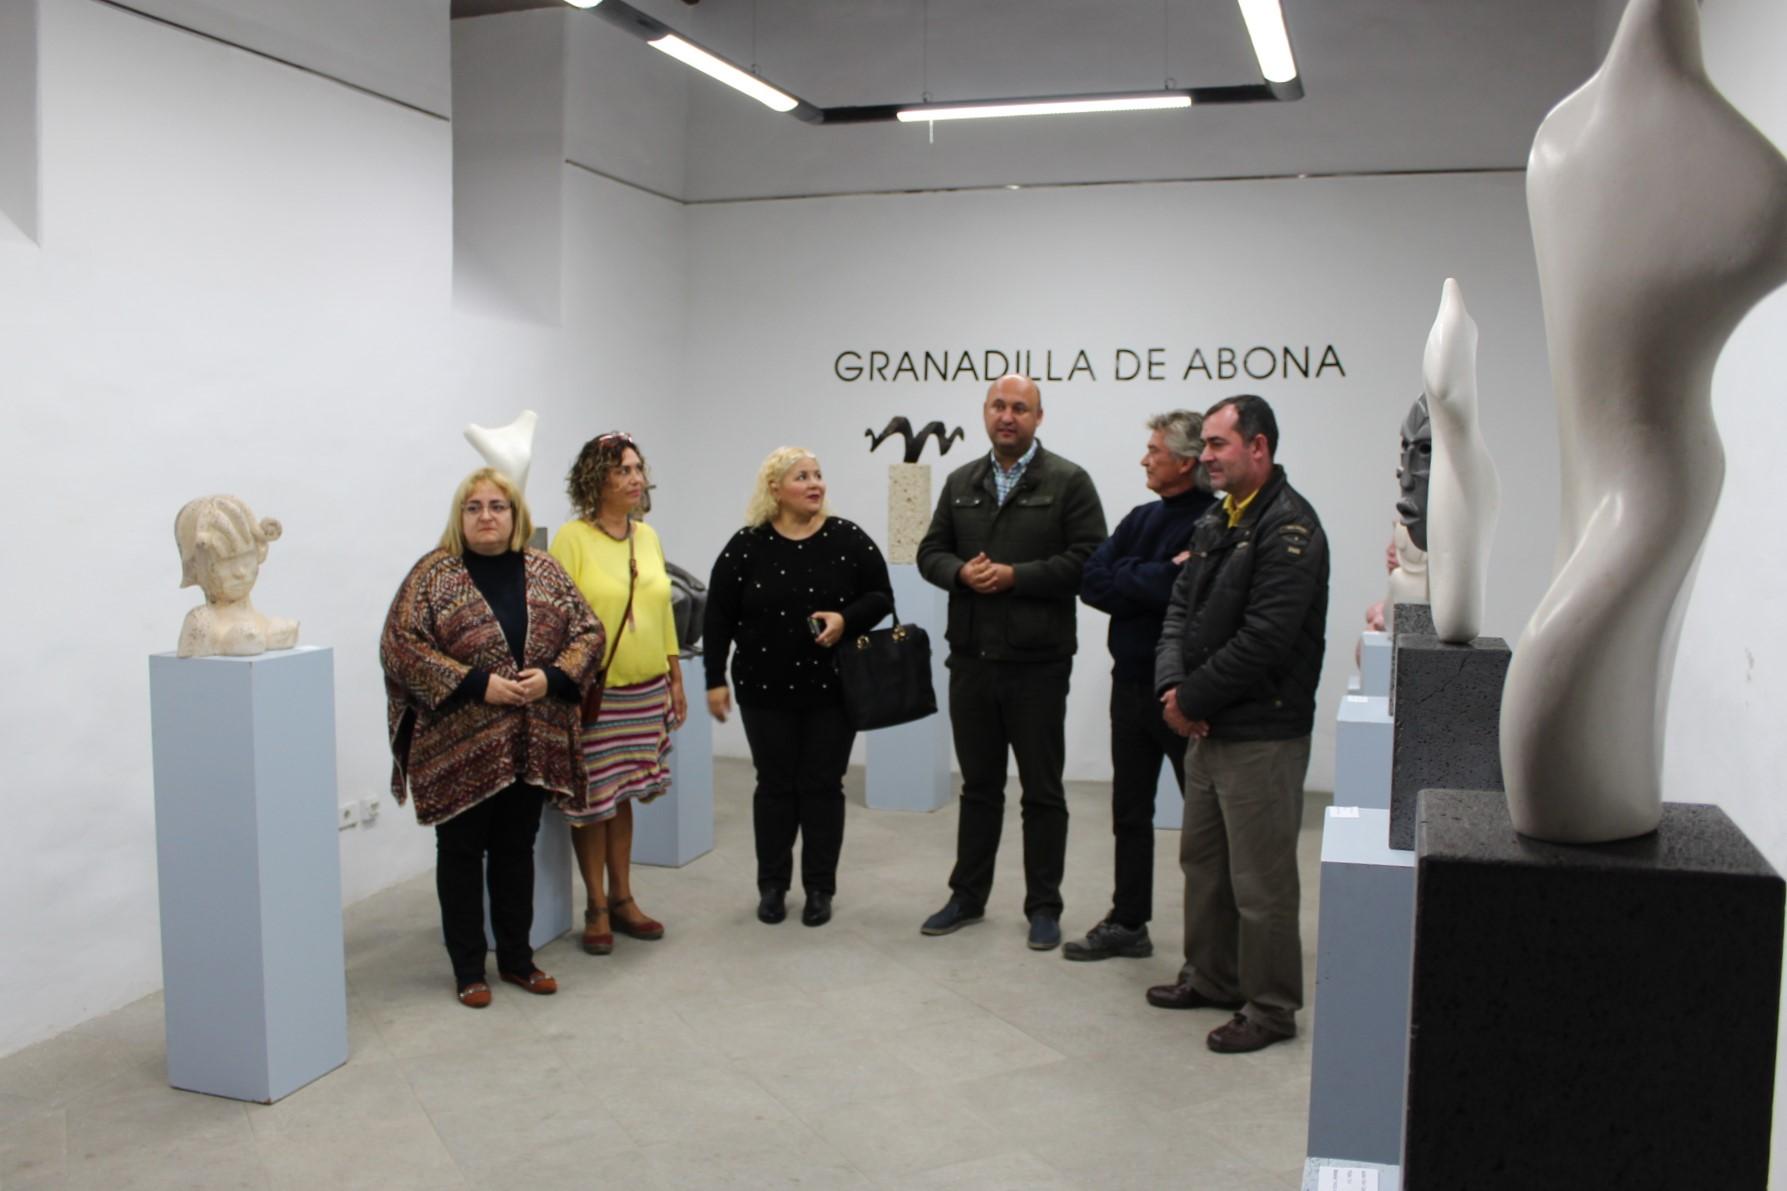 El taller de escultura de Guillermo Batista expone en el Convento Franciscano